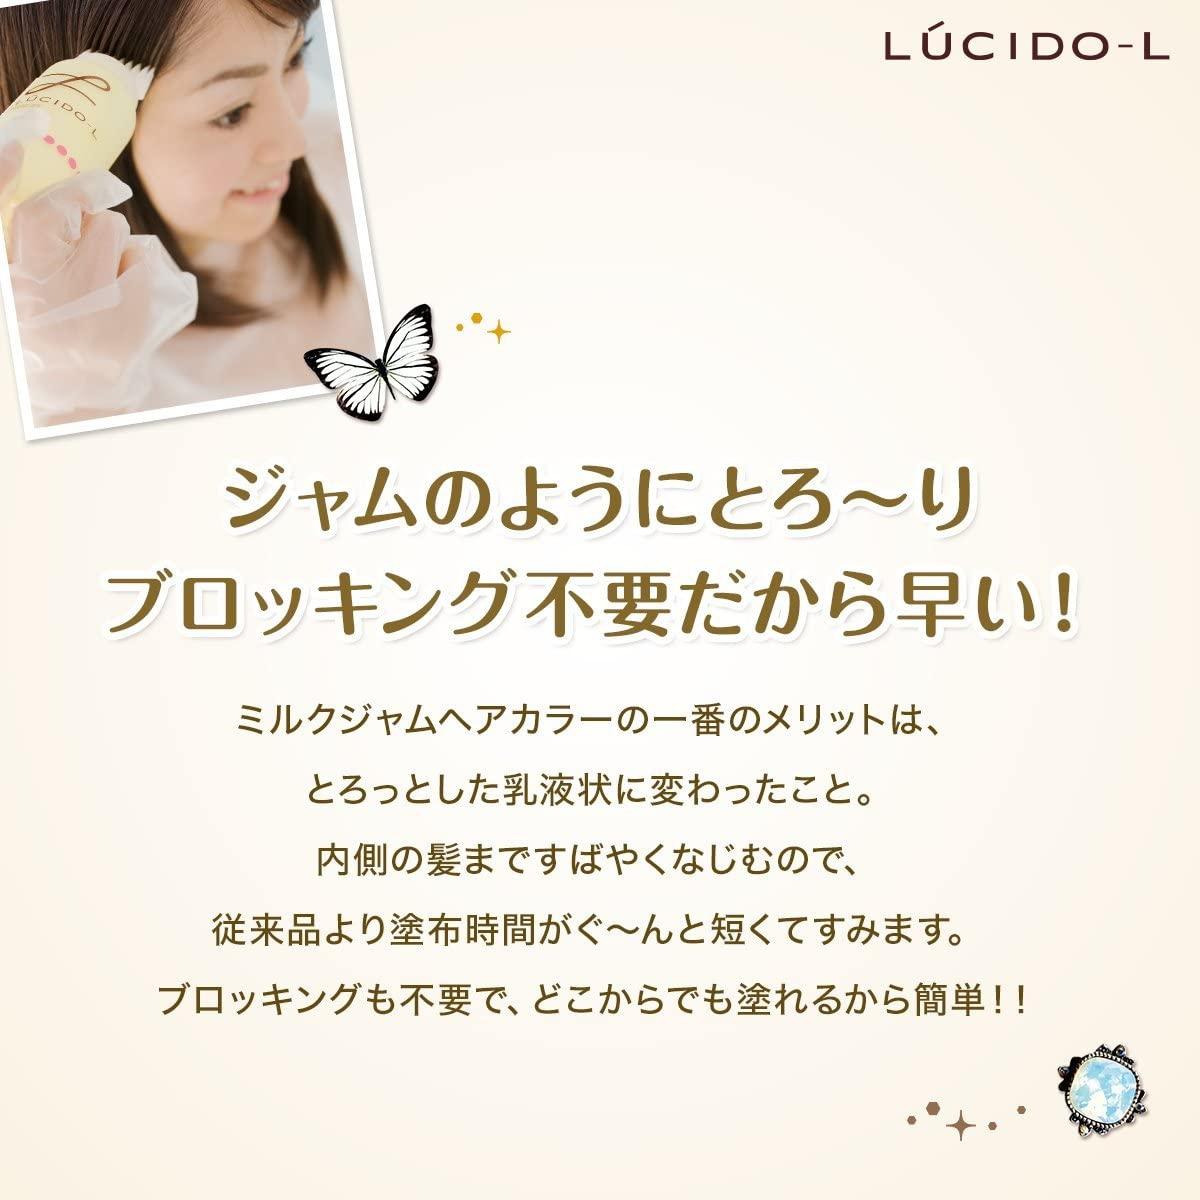 LUCIDO-L(ルシードエル)ミルクジャム髪色もどしの商品画像6